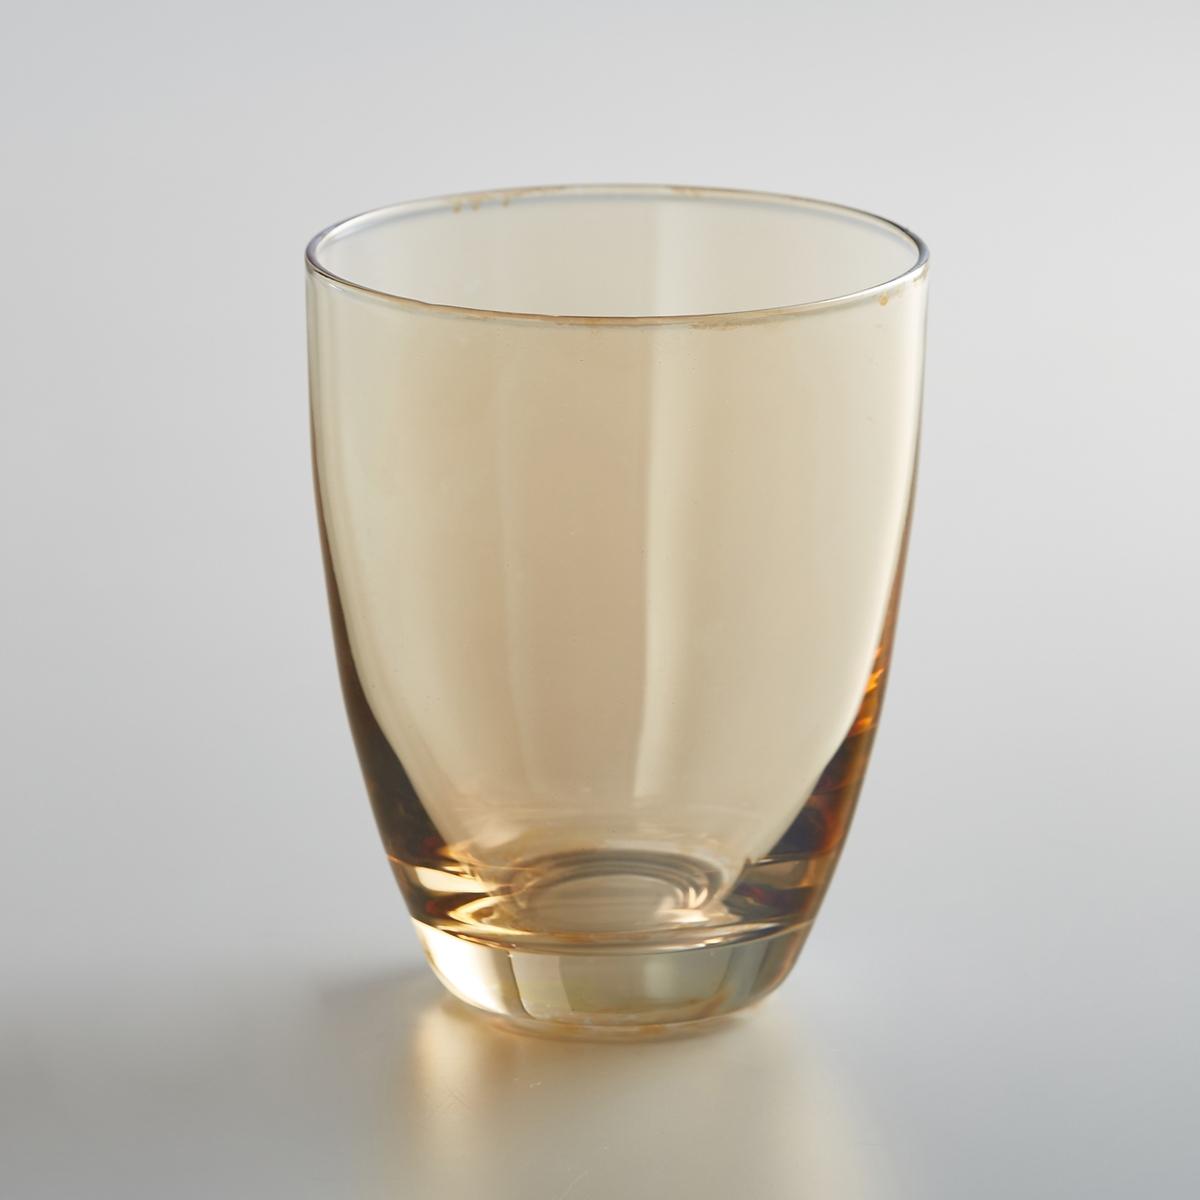 Комплект из 4 стаканов из стекла, KOUTINEОписание:4 стакана из стекла Koutine La redoute Int?rieurs . Янтарный или темно-серый цвет для создания гармонии оттенков на вашем столе   .Характеристики 4 стаканов из стекла Koutine  : •  Стаканы из стекла, выдуваемого с помощью рта •  Диаметр : 8,4 см •  Высота : 10 см  •  Ручная мойка •  В комплекте 4 стаканаНайдите всю коллекцию Koutine на нашем сайте laredoute.ru<br><br>Цвет: дымчато-серый,янтарь